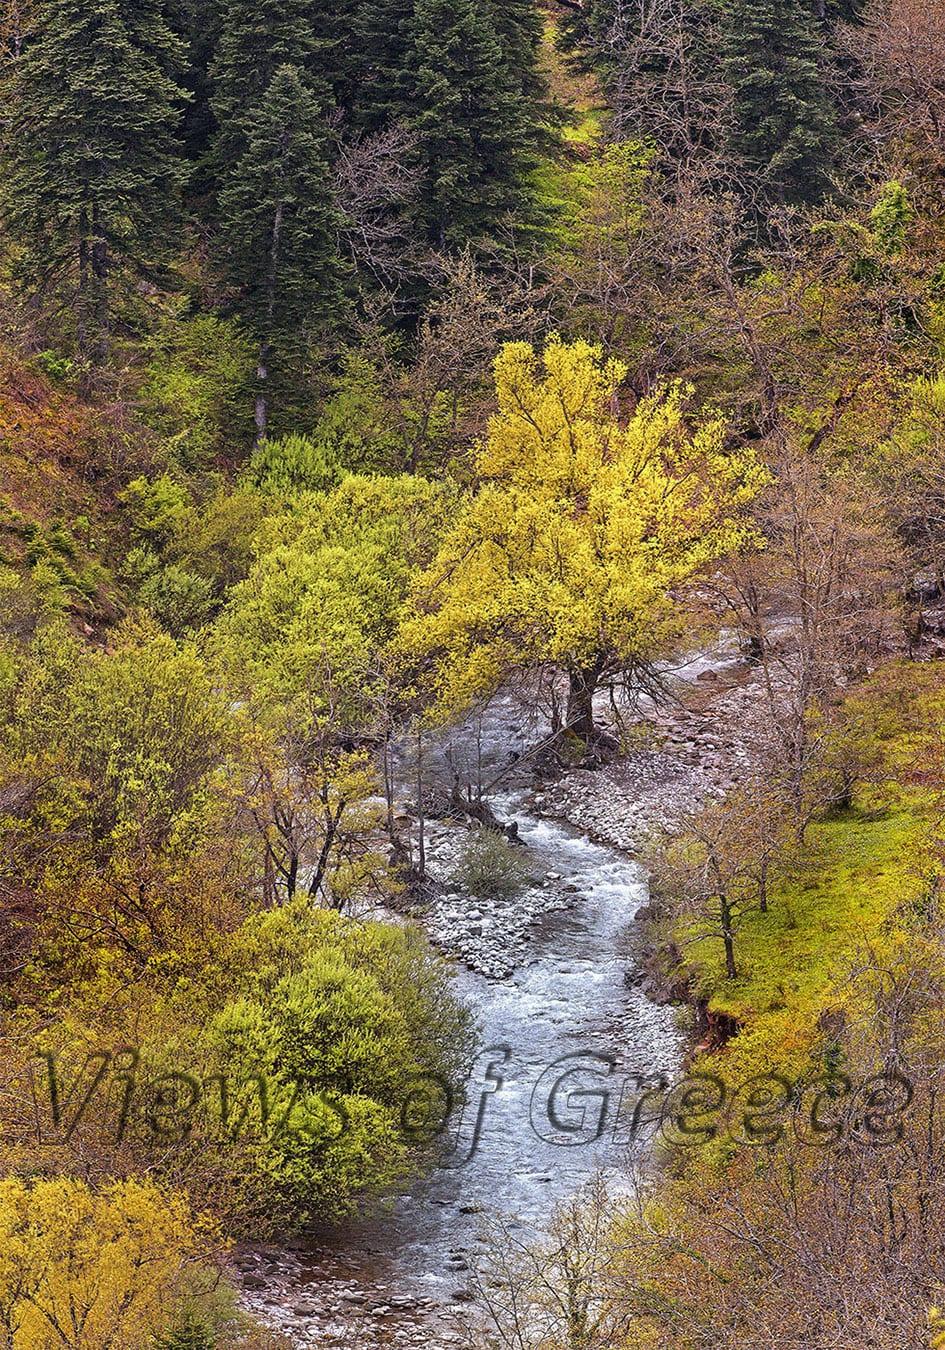 greece, mountain, mountain refuge, nature, greek, agrafa, thessaly, outdoor, ecology, outdoors, wilderness, pindus, adventure, hiking, trekking, altitude, mountains, forest, Άγραφα, Καρδίτσα, Ευρυτανία, πεζοπορία, καταφύγιο, λίμνη Πλαστήρα, Καραμανώλη, εξερευνήσεις, διαδρομές